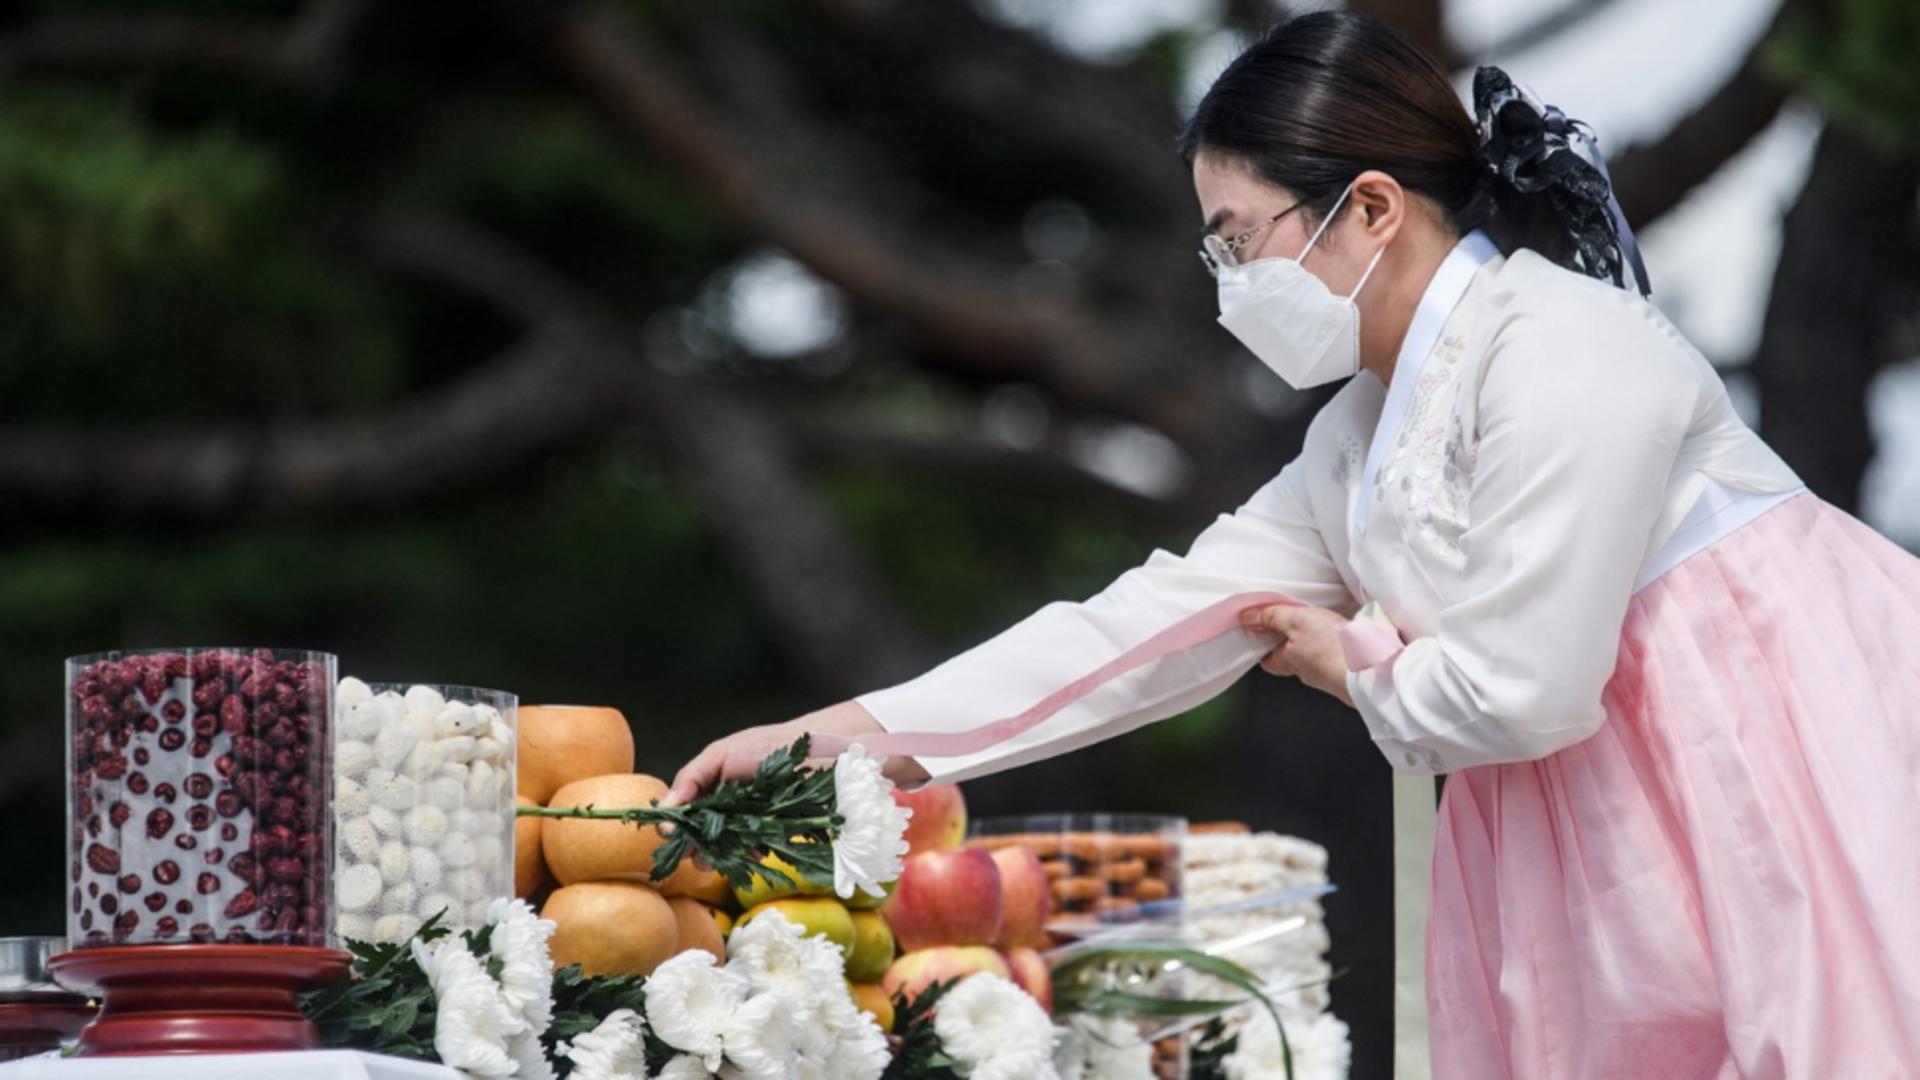 Ceremonie specifică Chuseok, în Coreea de Sud / Foto: Profimedia